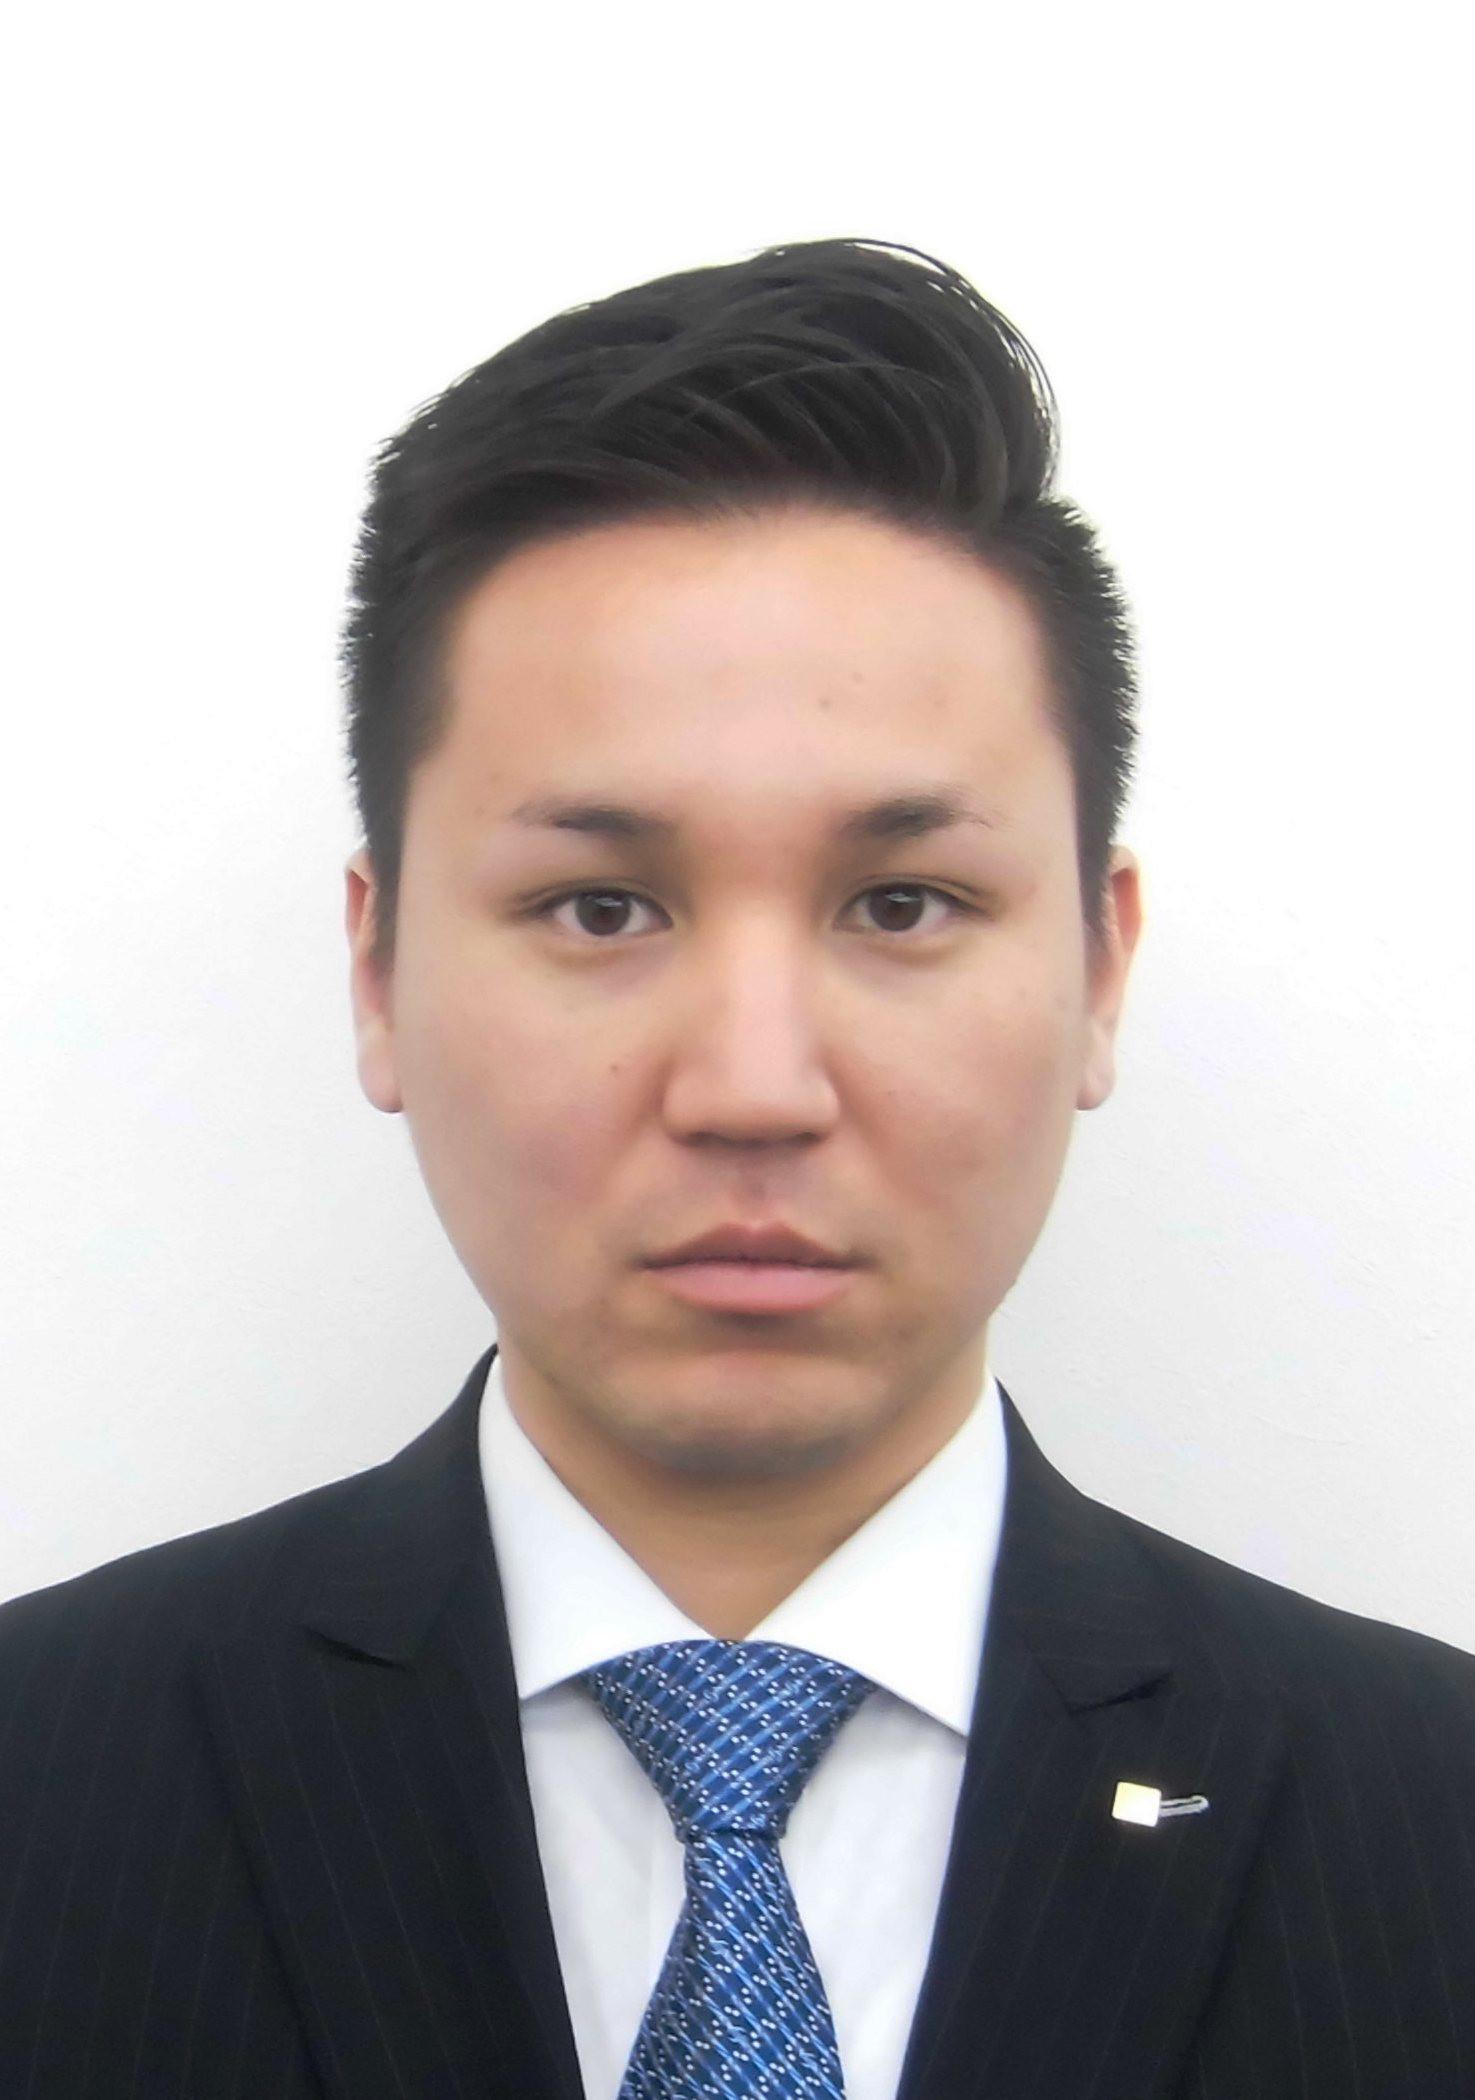 柳澤 翔平